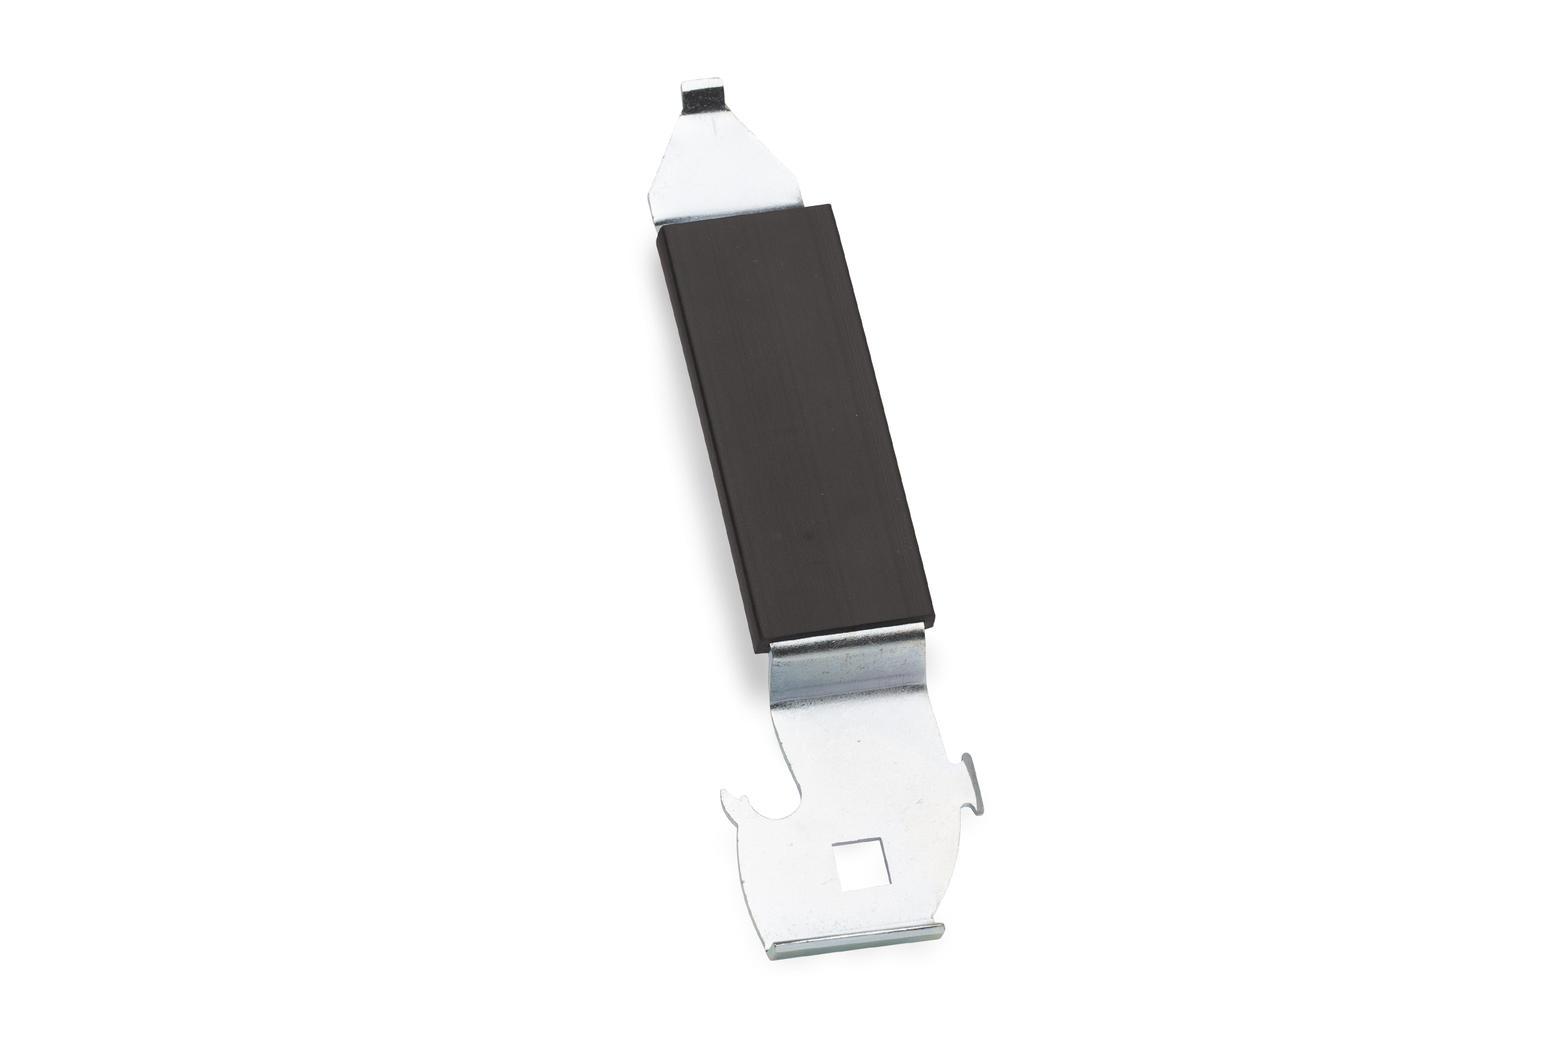 Stevige opener met gebruiksvriendelijk handvat voor het snel en veilig openen van alle soorten blikverpakkingen.